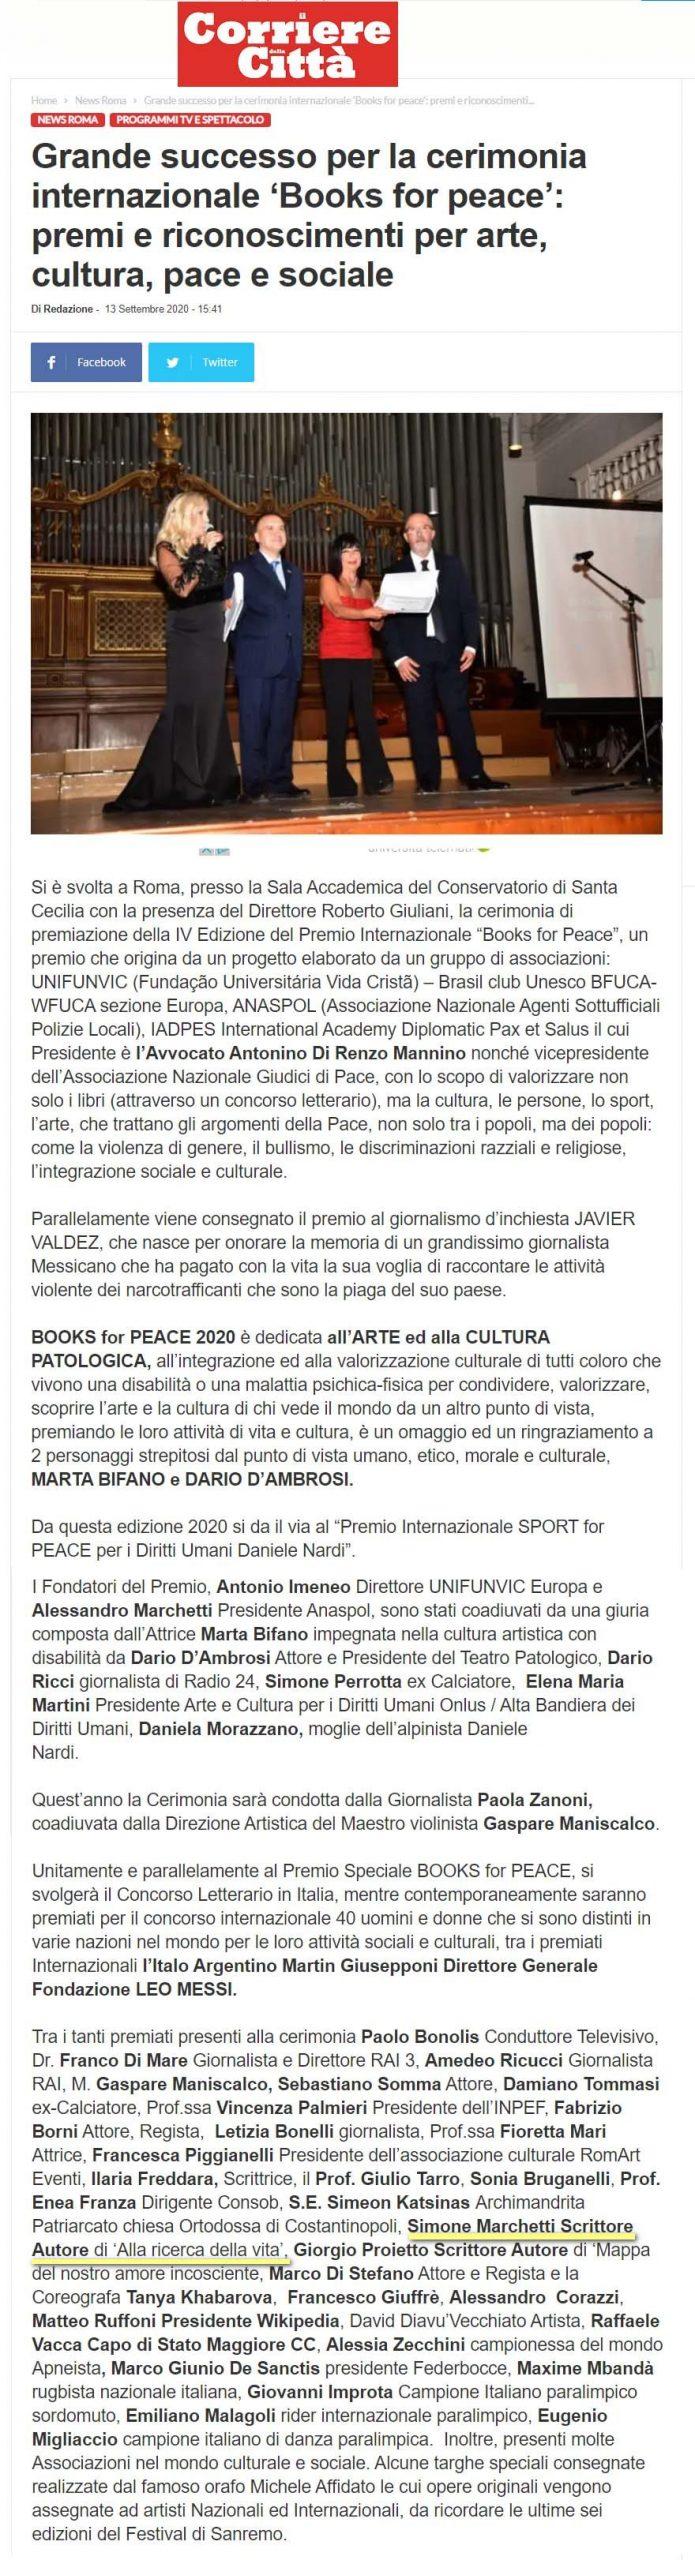 2020-09-13-Corriere-citta